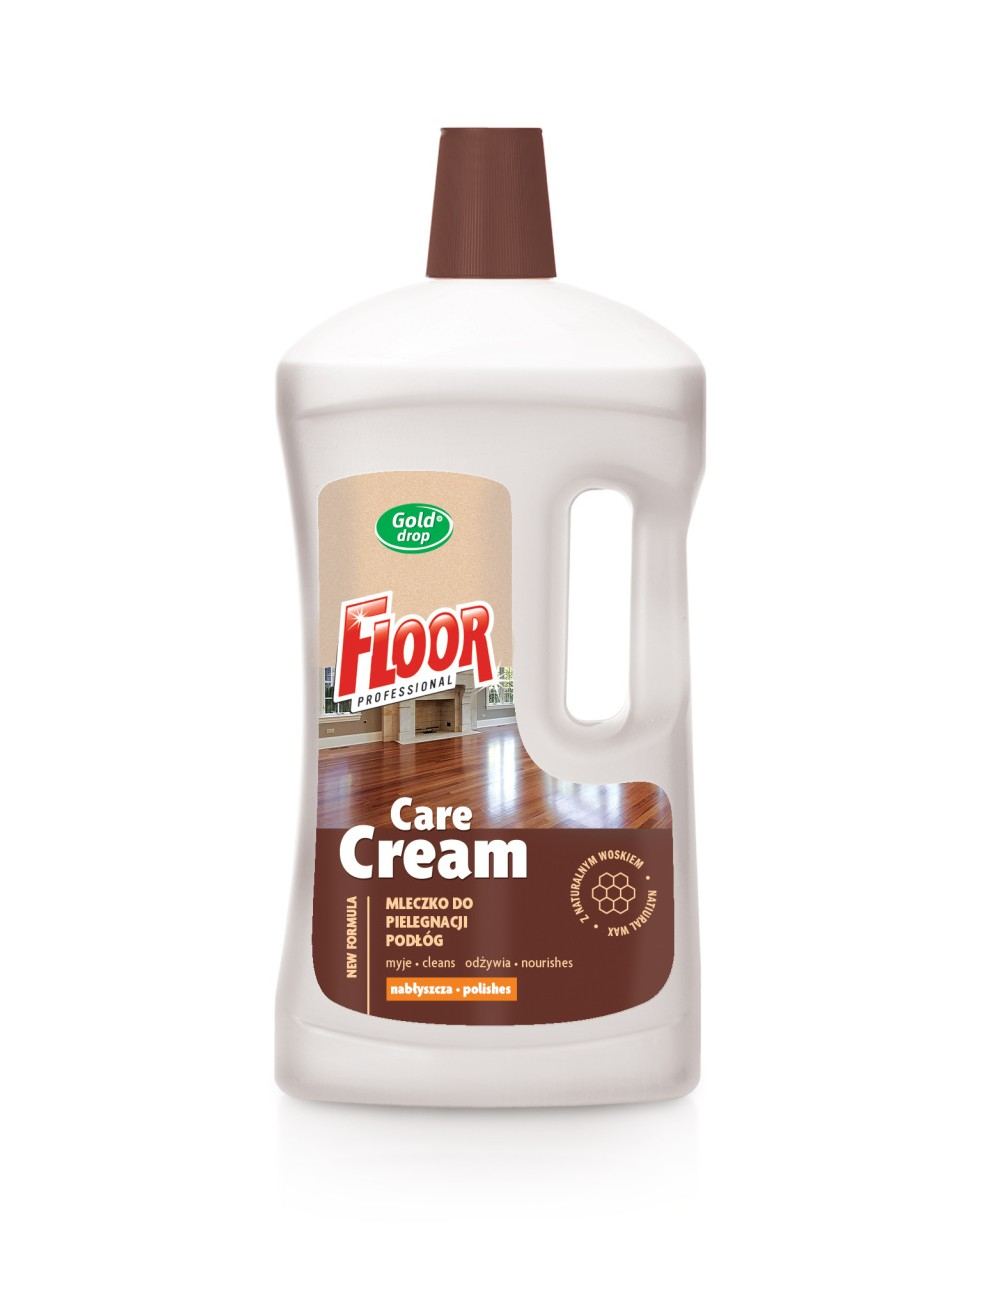 Floor Mleczko do Pielęgnacji Podłóg Care Cream 1 L